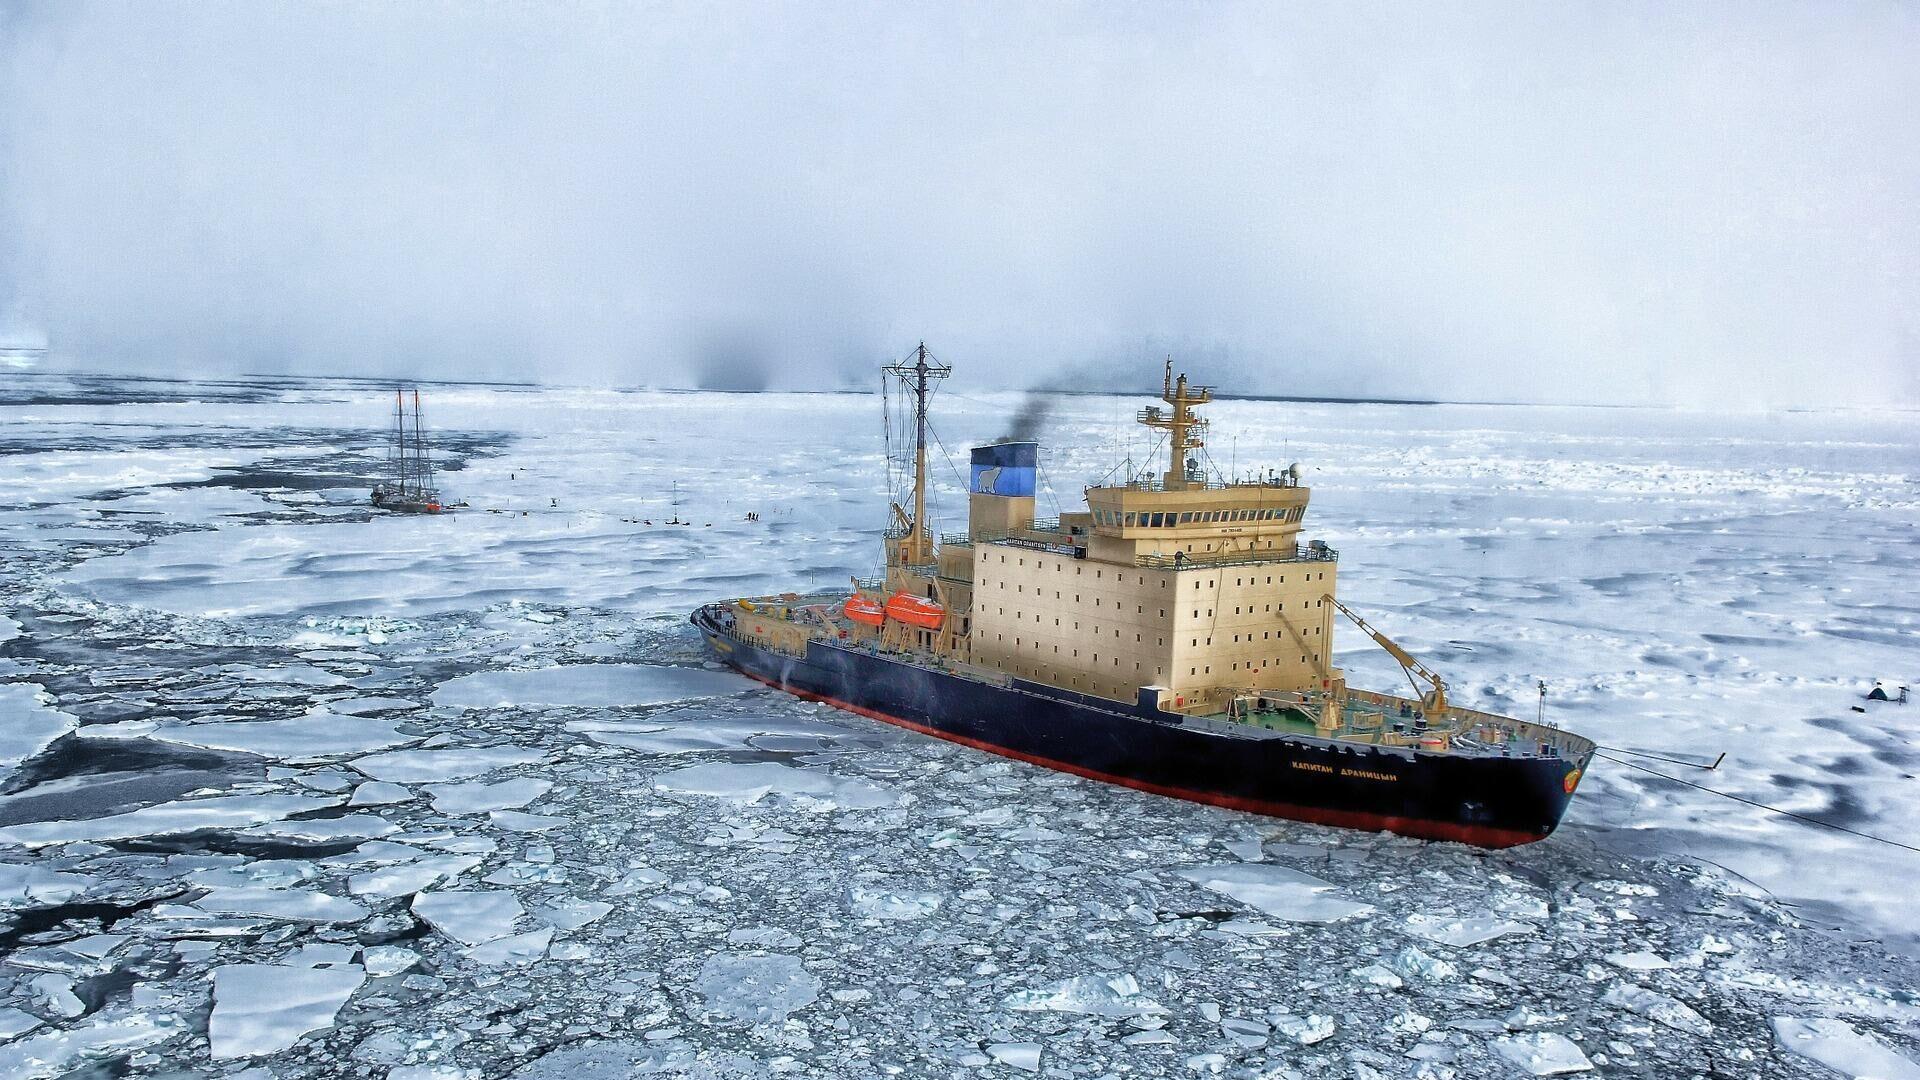 Un barco navegando sobre hielo. Antártida. Imagen referencial - Sputnik Mundo, 1920, 04.08.2021